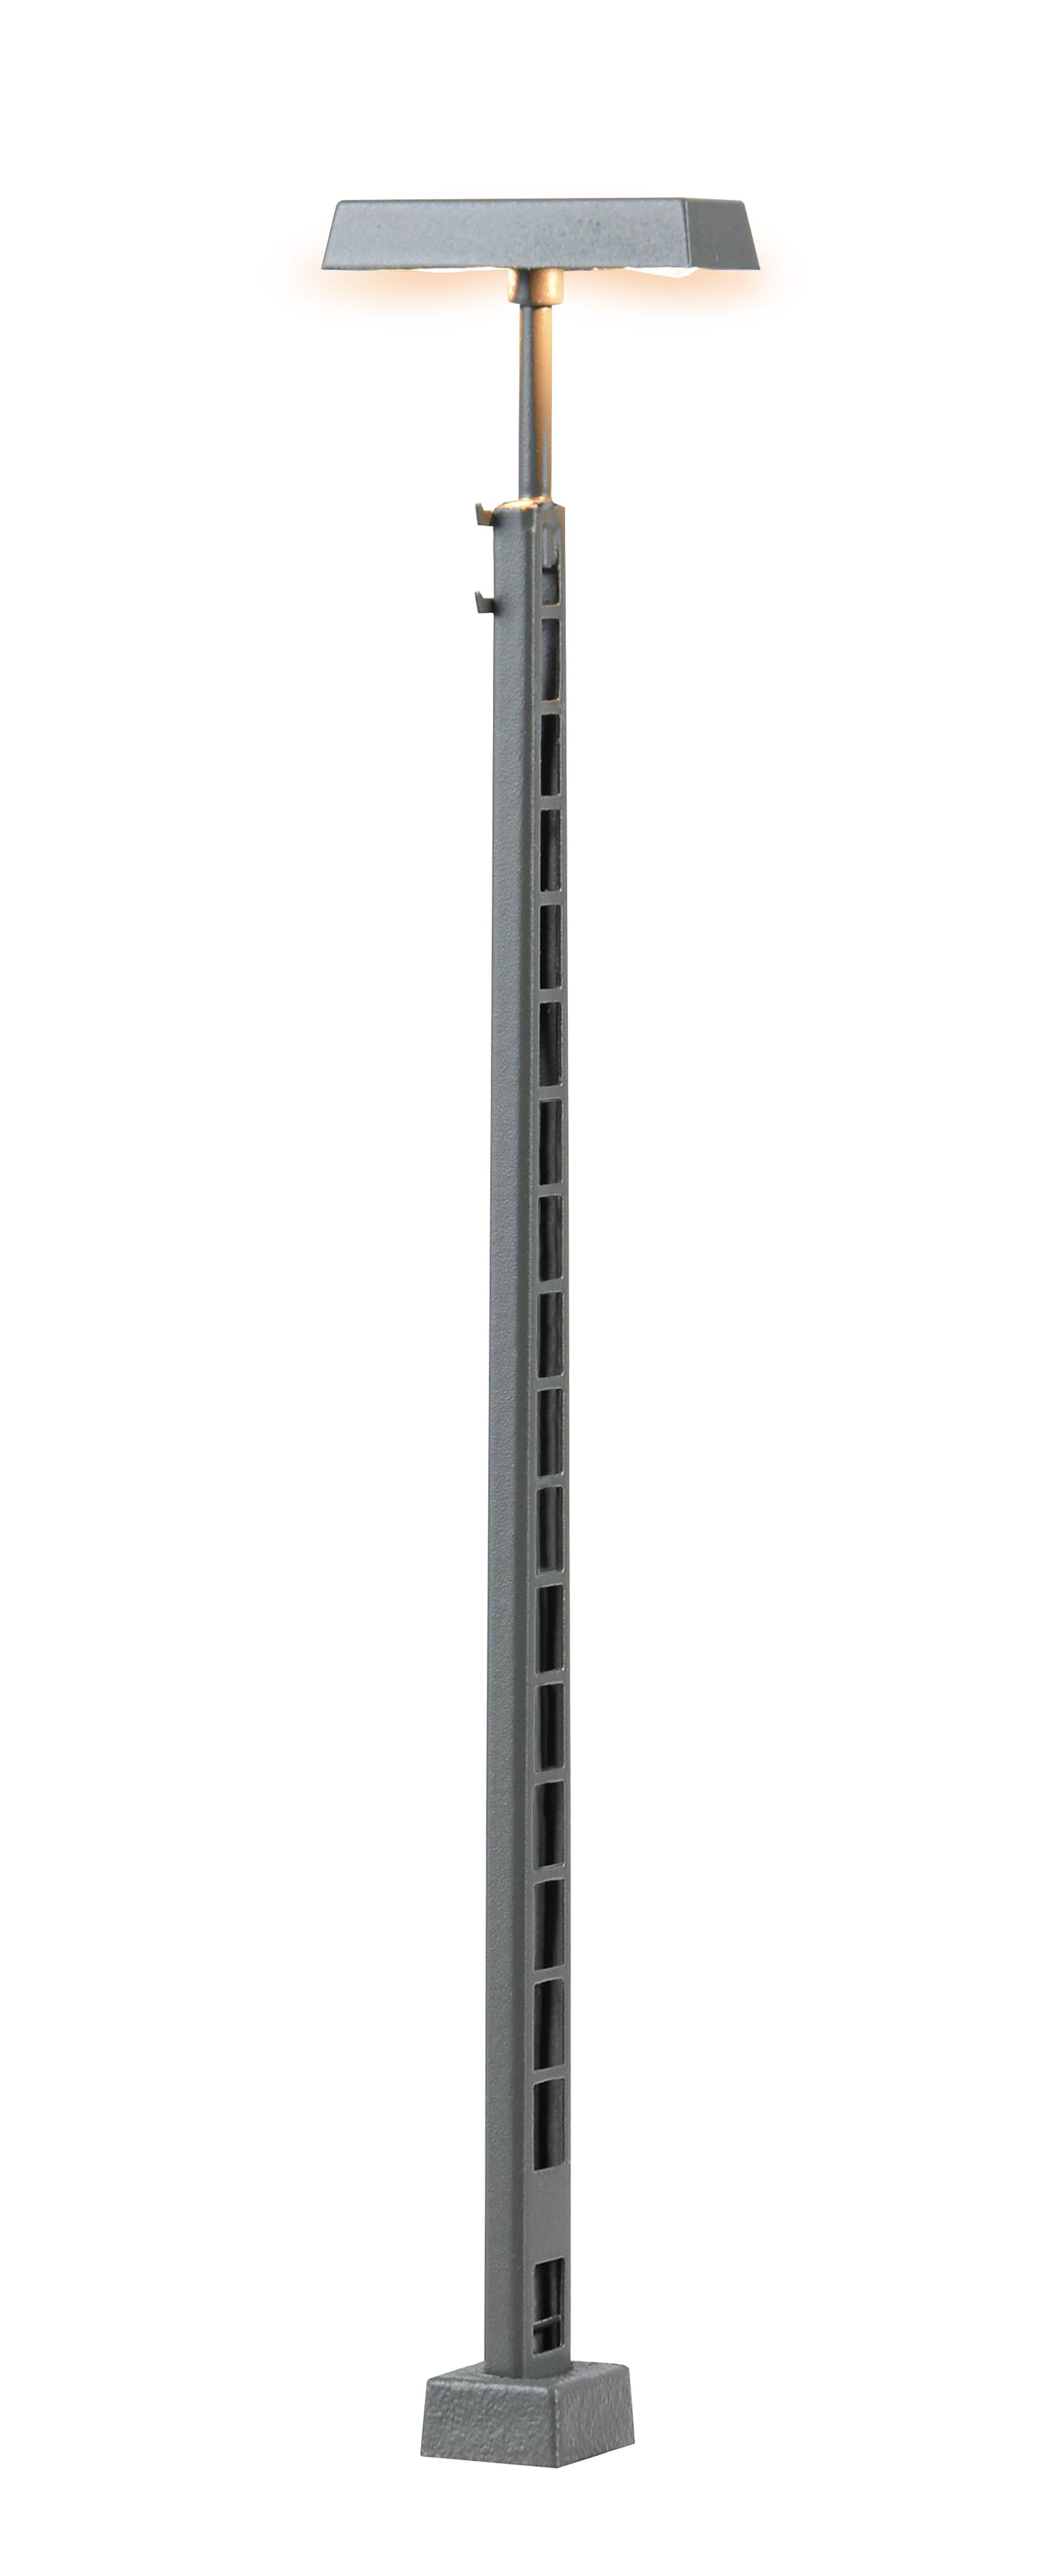 Viessmann 6963 <br/>Gittermast-Leuchte